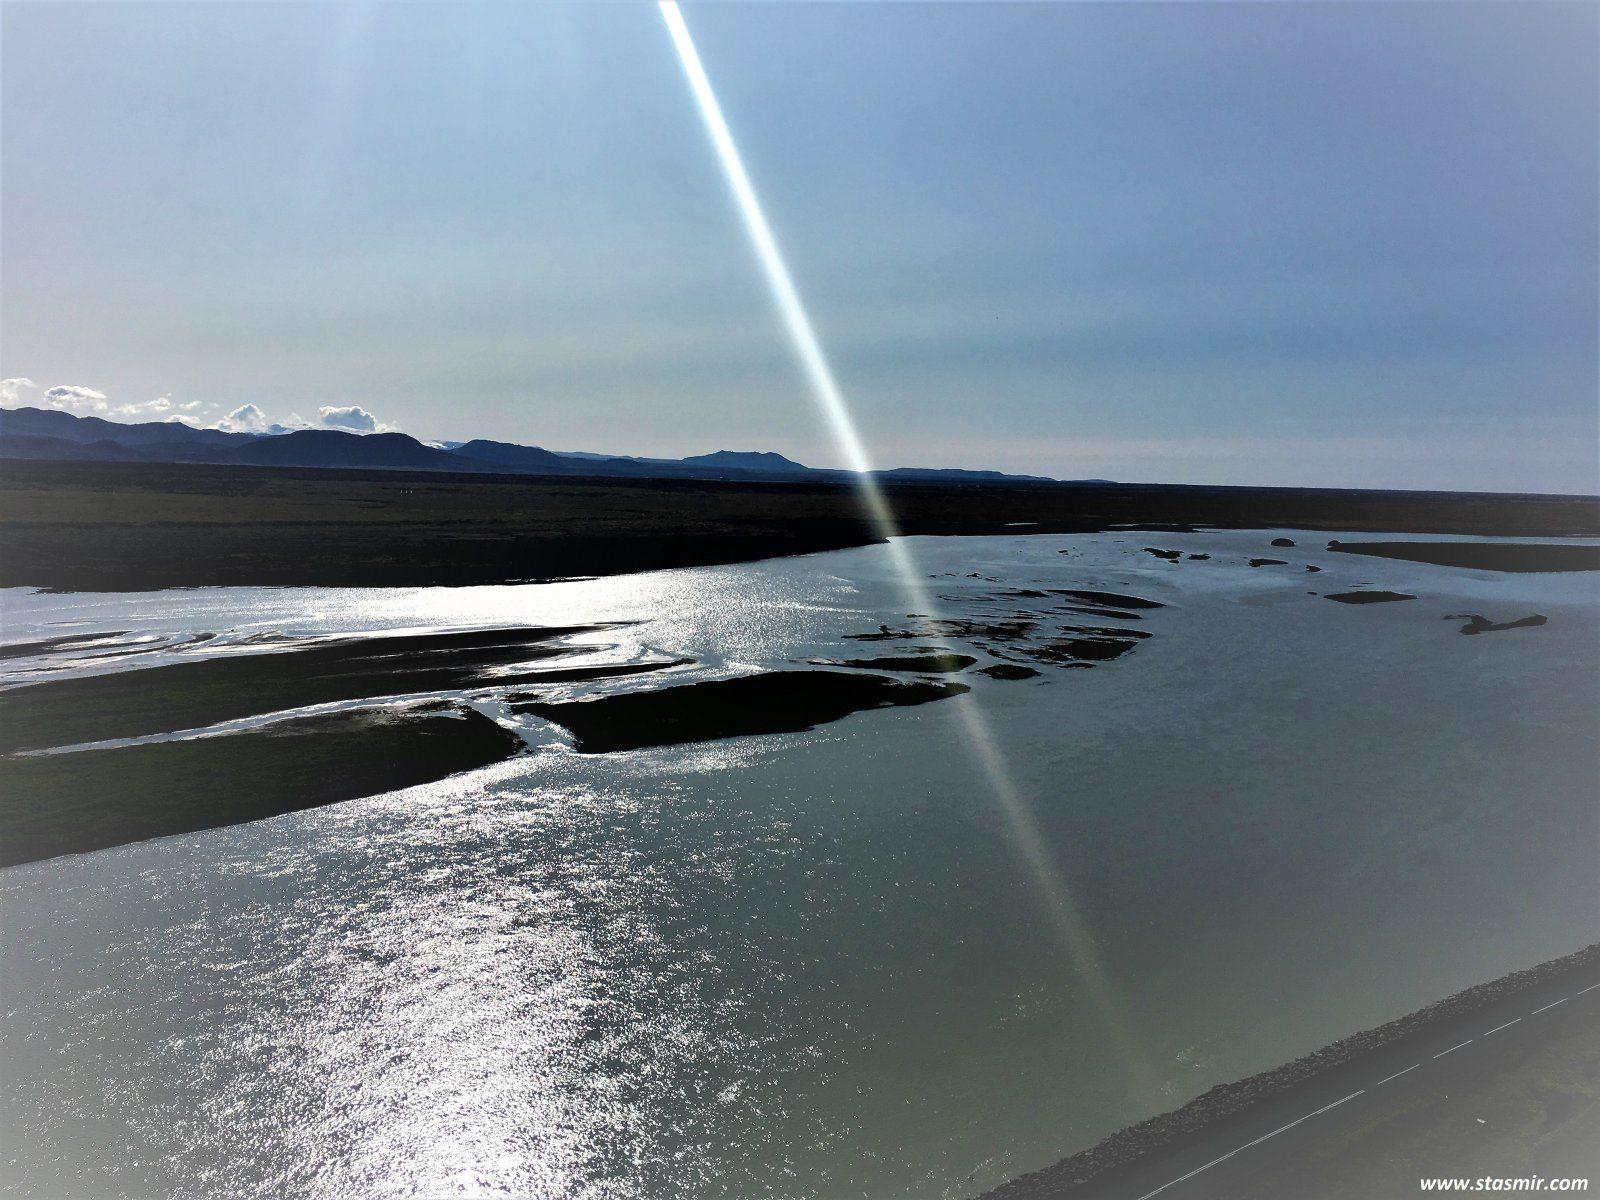 свет в конце туннеля, фото Стасмир, photo Stasmir... Вид на Геклу в Южной Исландии